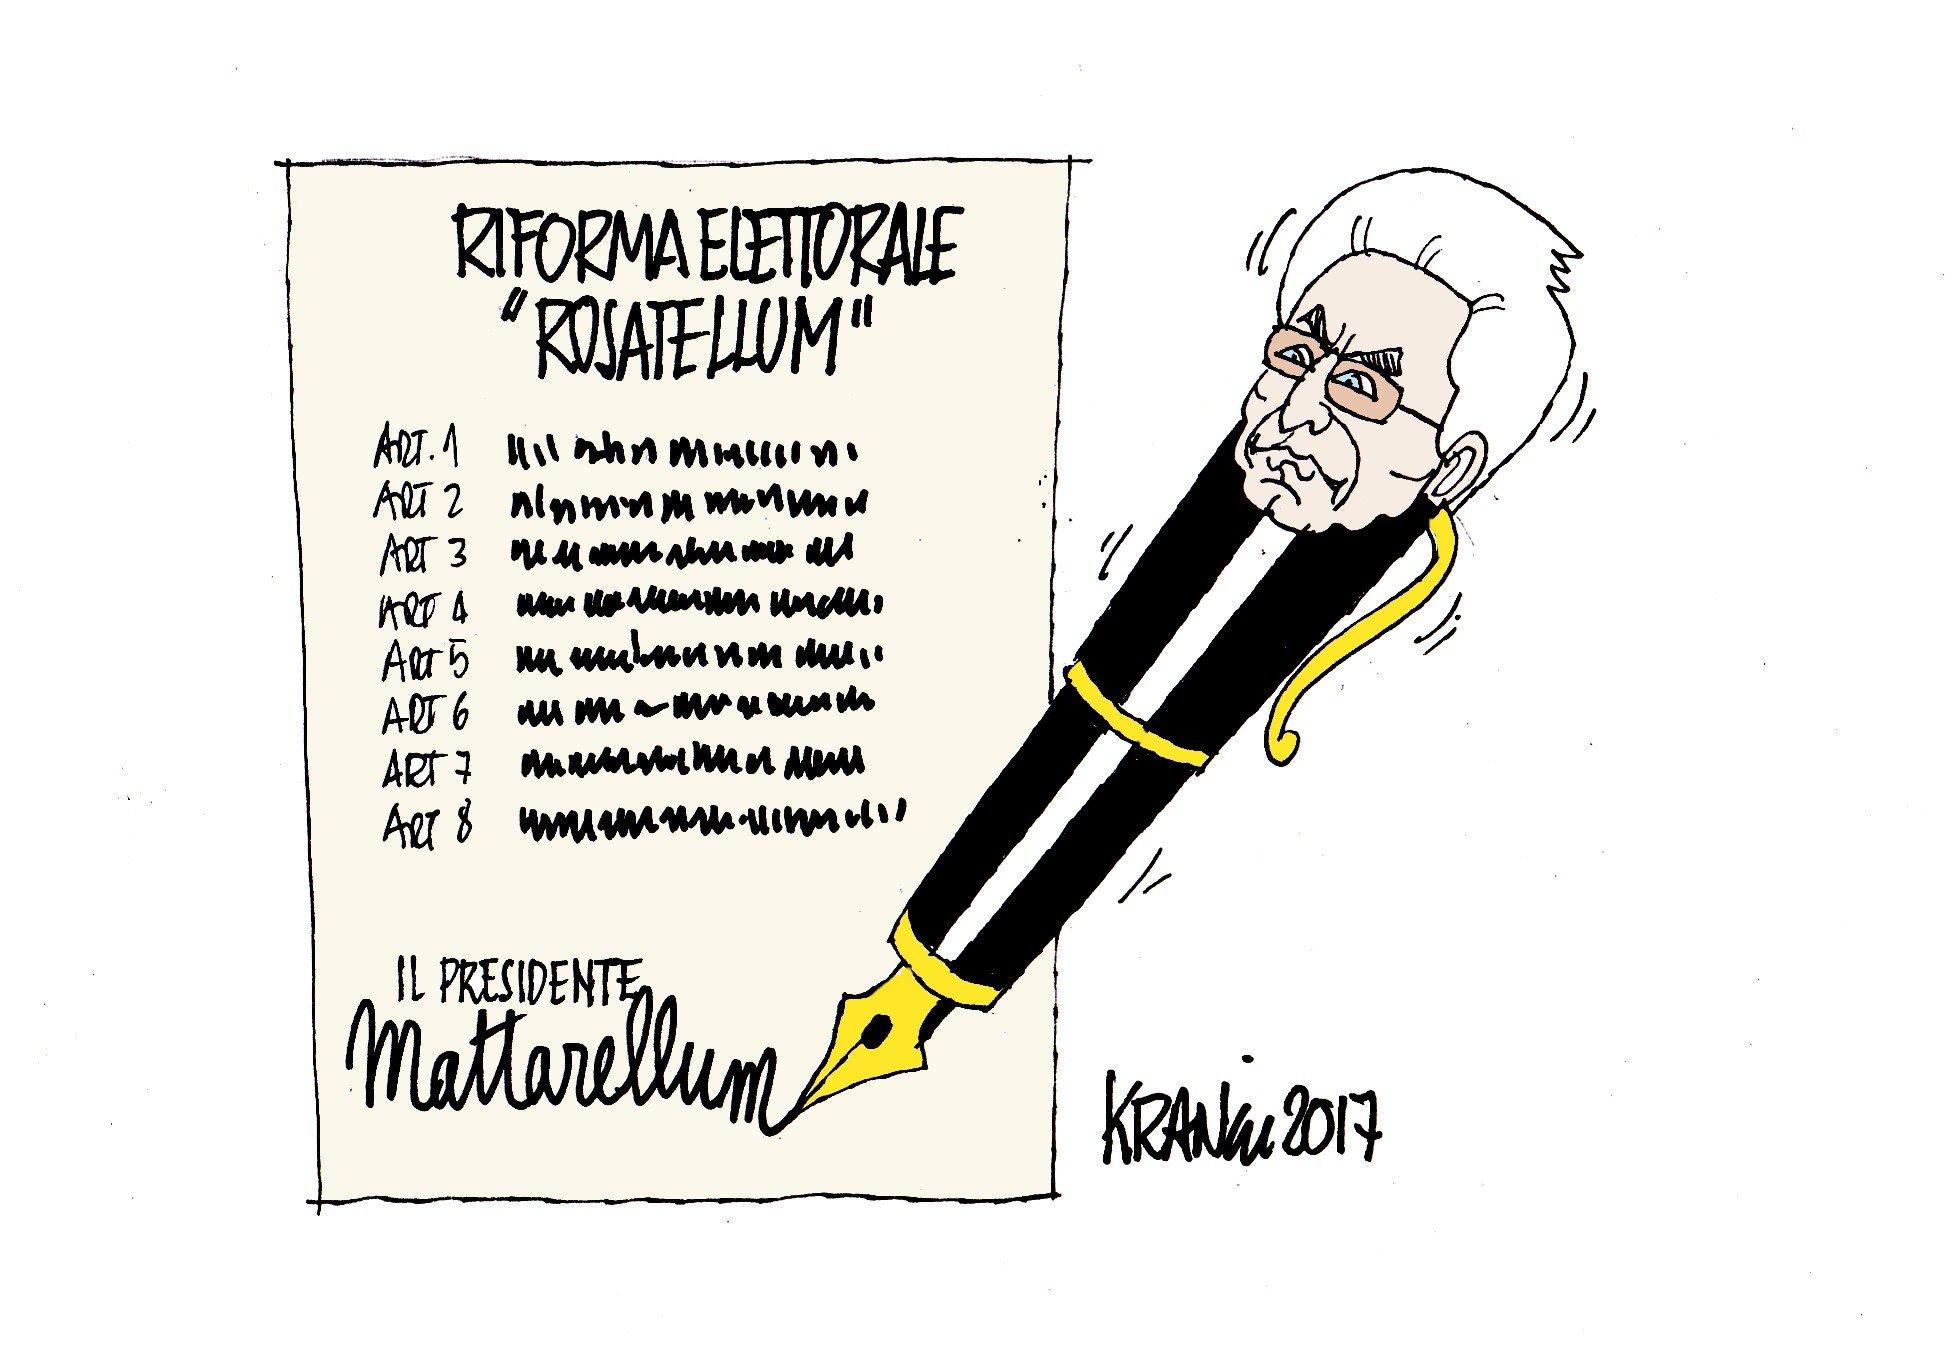 riforma-elettorale-rosatellum